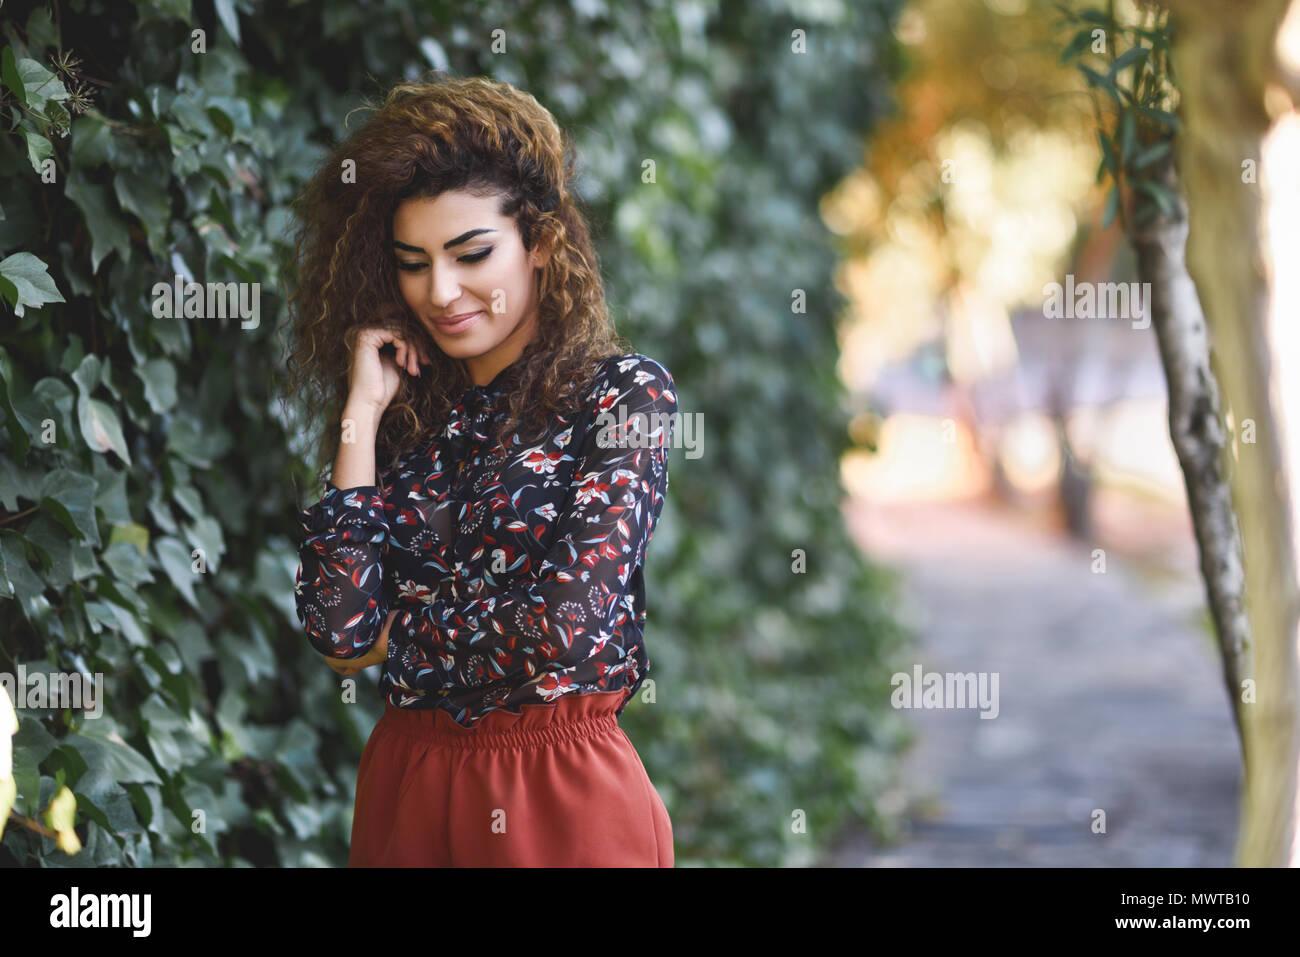 Fille Arabe belle jeune femme arabe avec black curly hairstyle. fille arabe